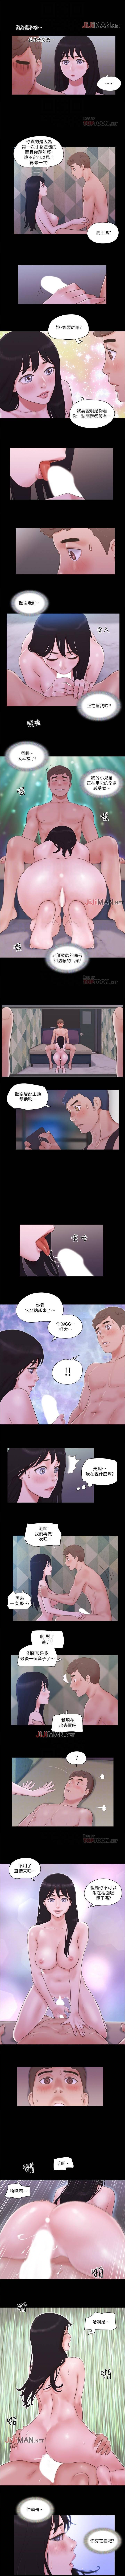 【周五连载】协议换爱(作者:遠德) 第1~62话 226